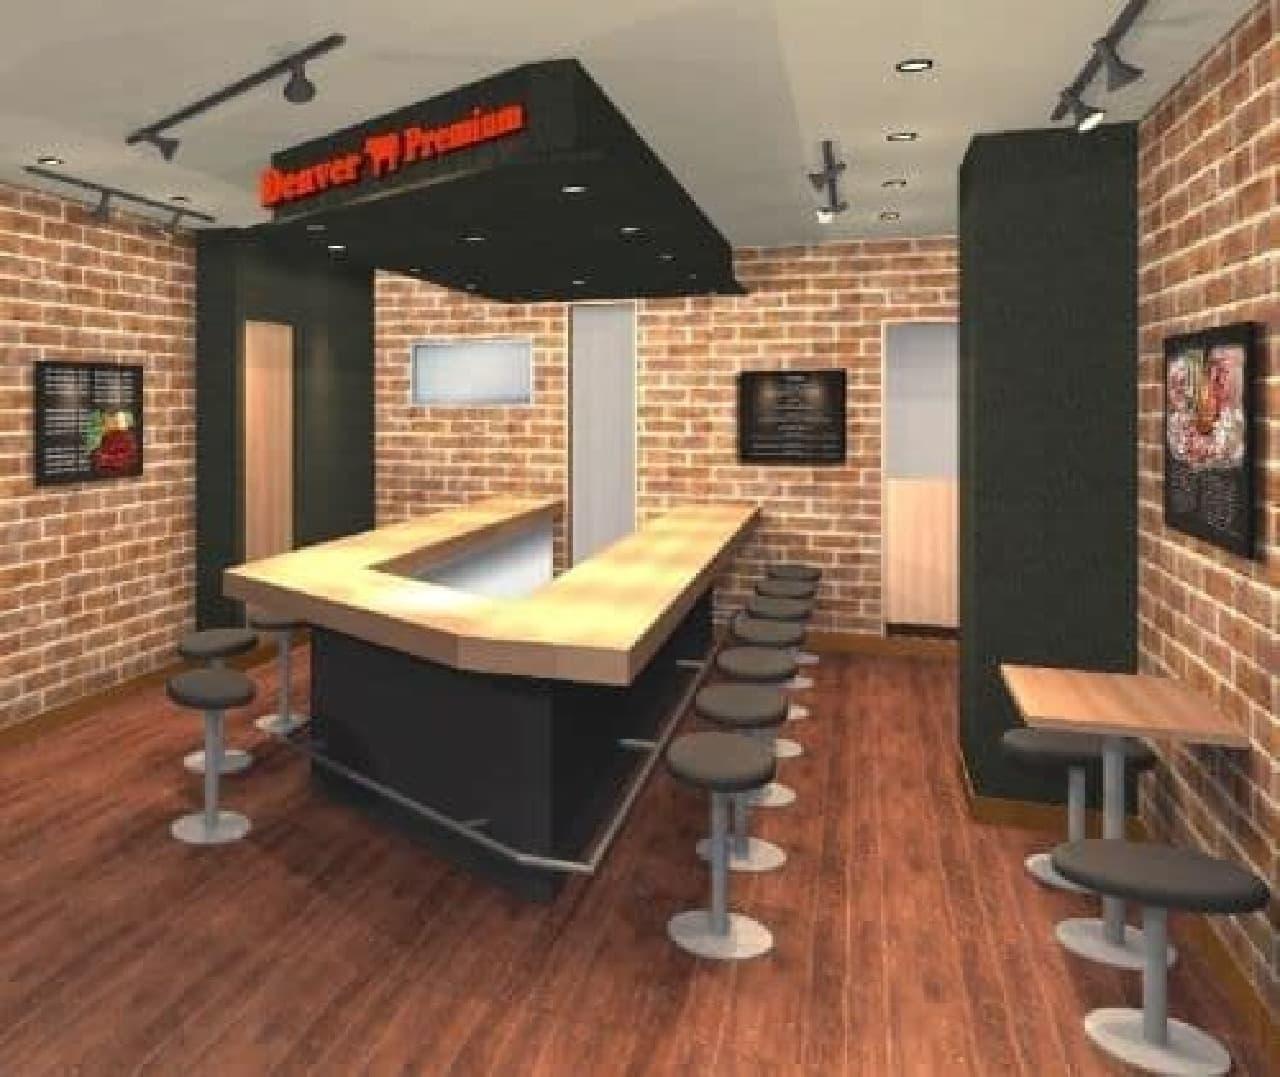 「アメリカンステーキハウス デンバープレミアム 西新宿店」内観イメージ